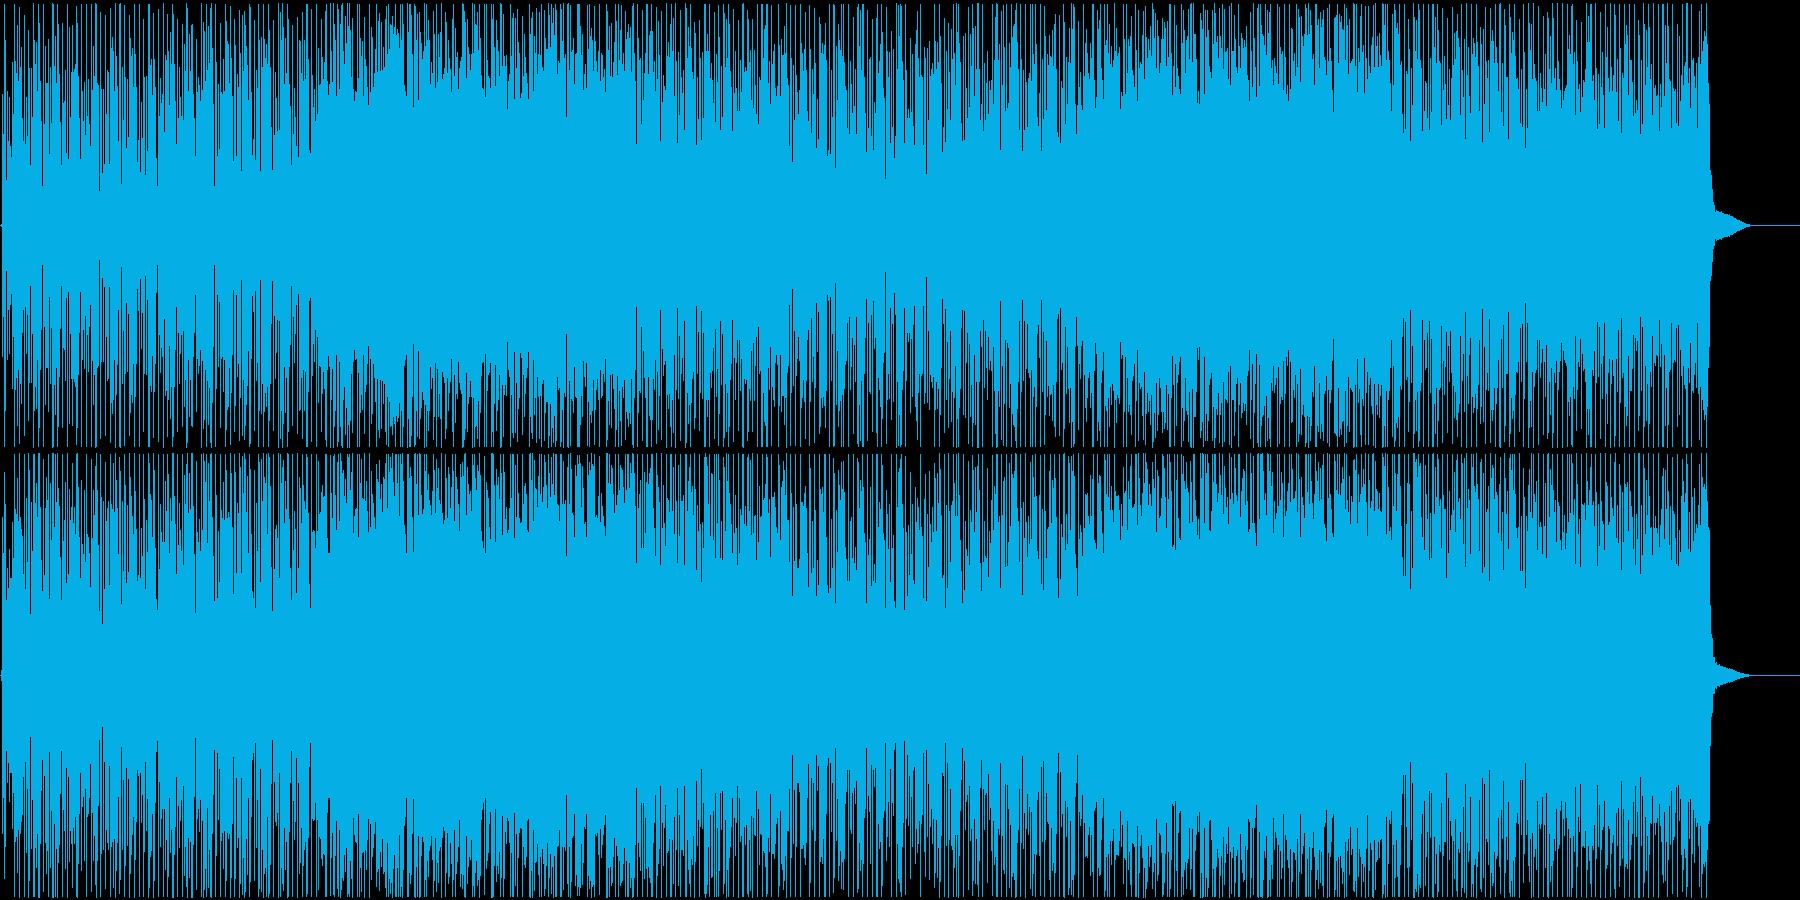 ラップが可愛いUPテンポのパーティソングの再生済みの波形